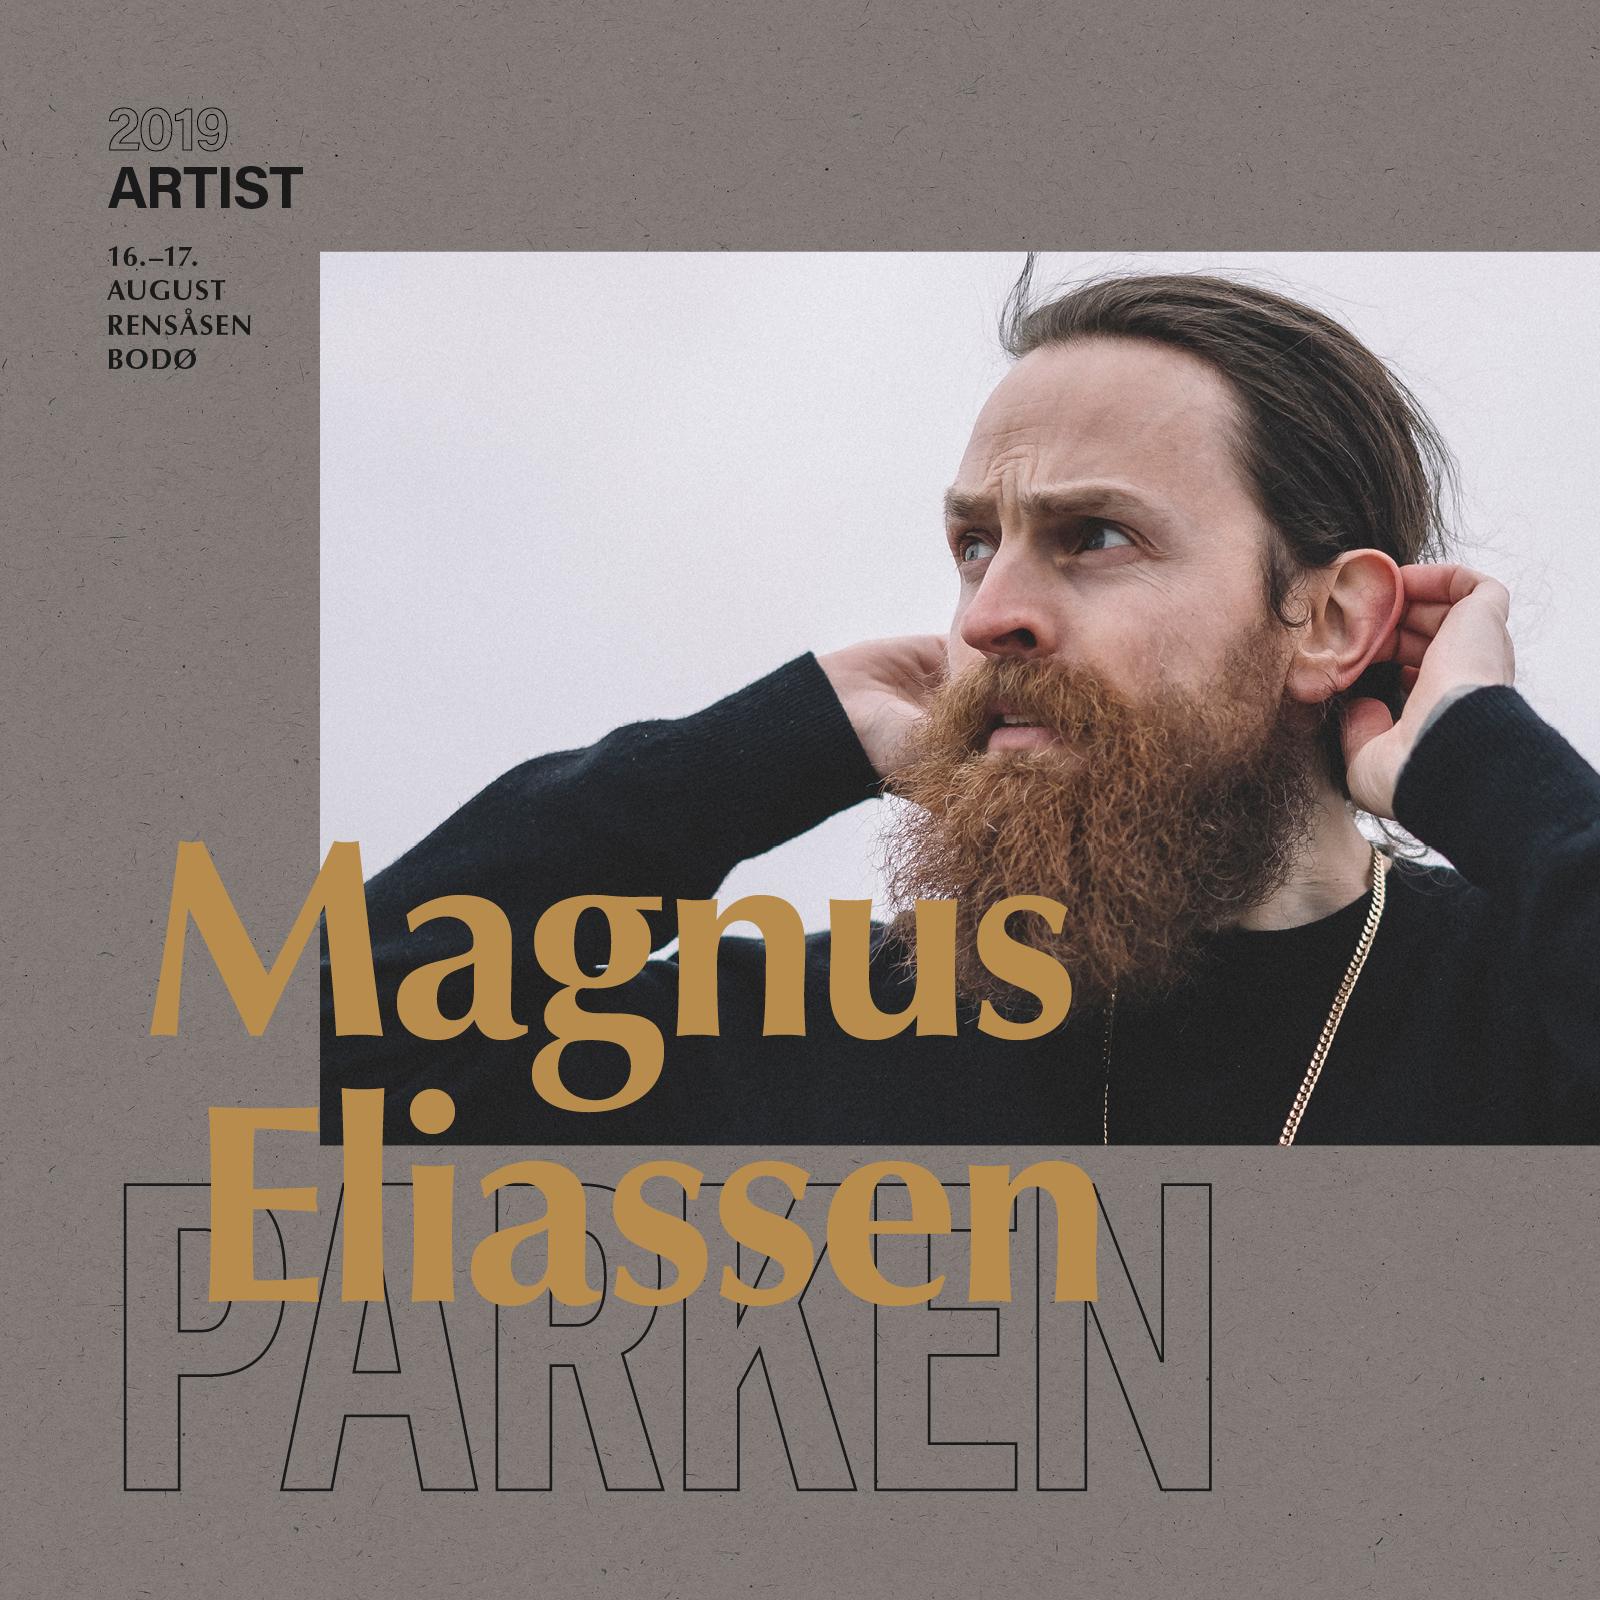 Magnus Eliassen -